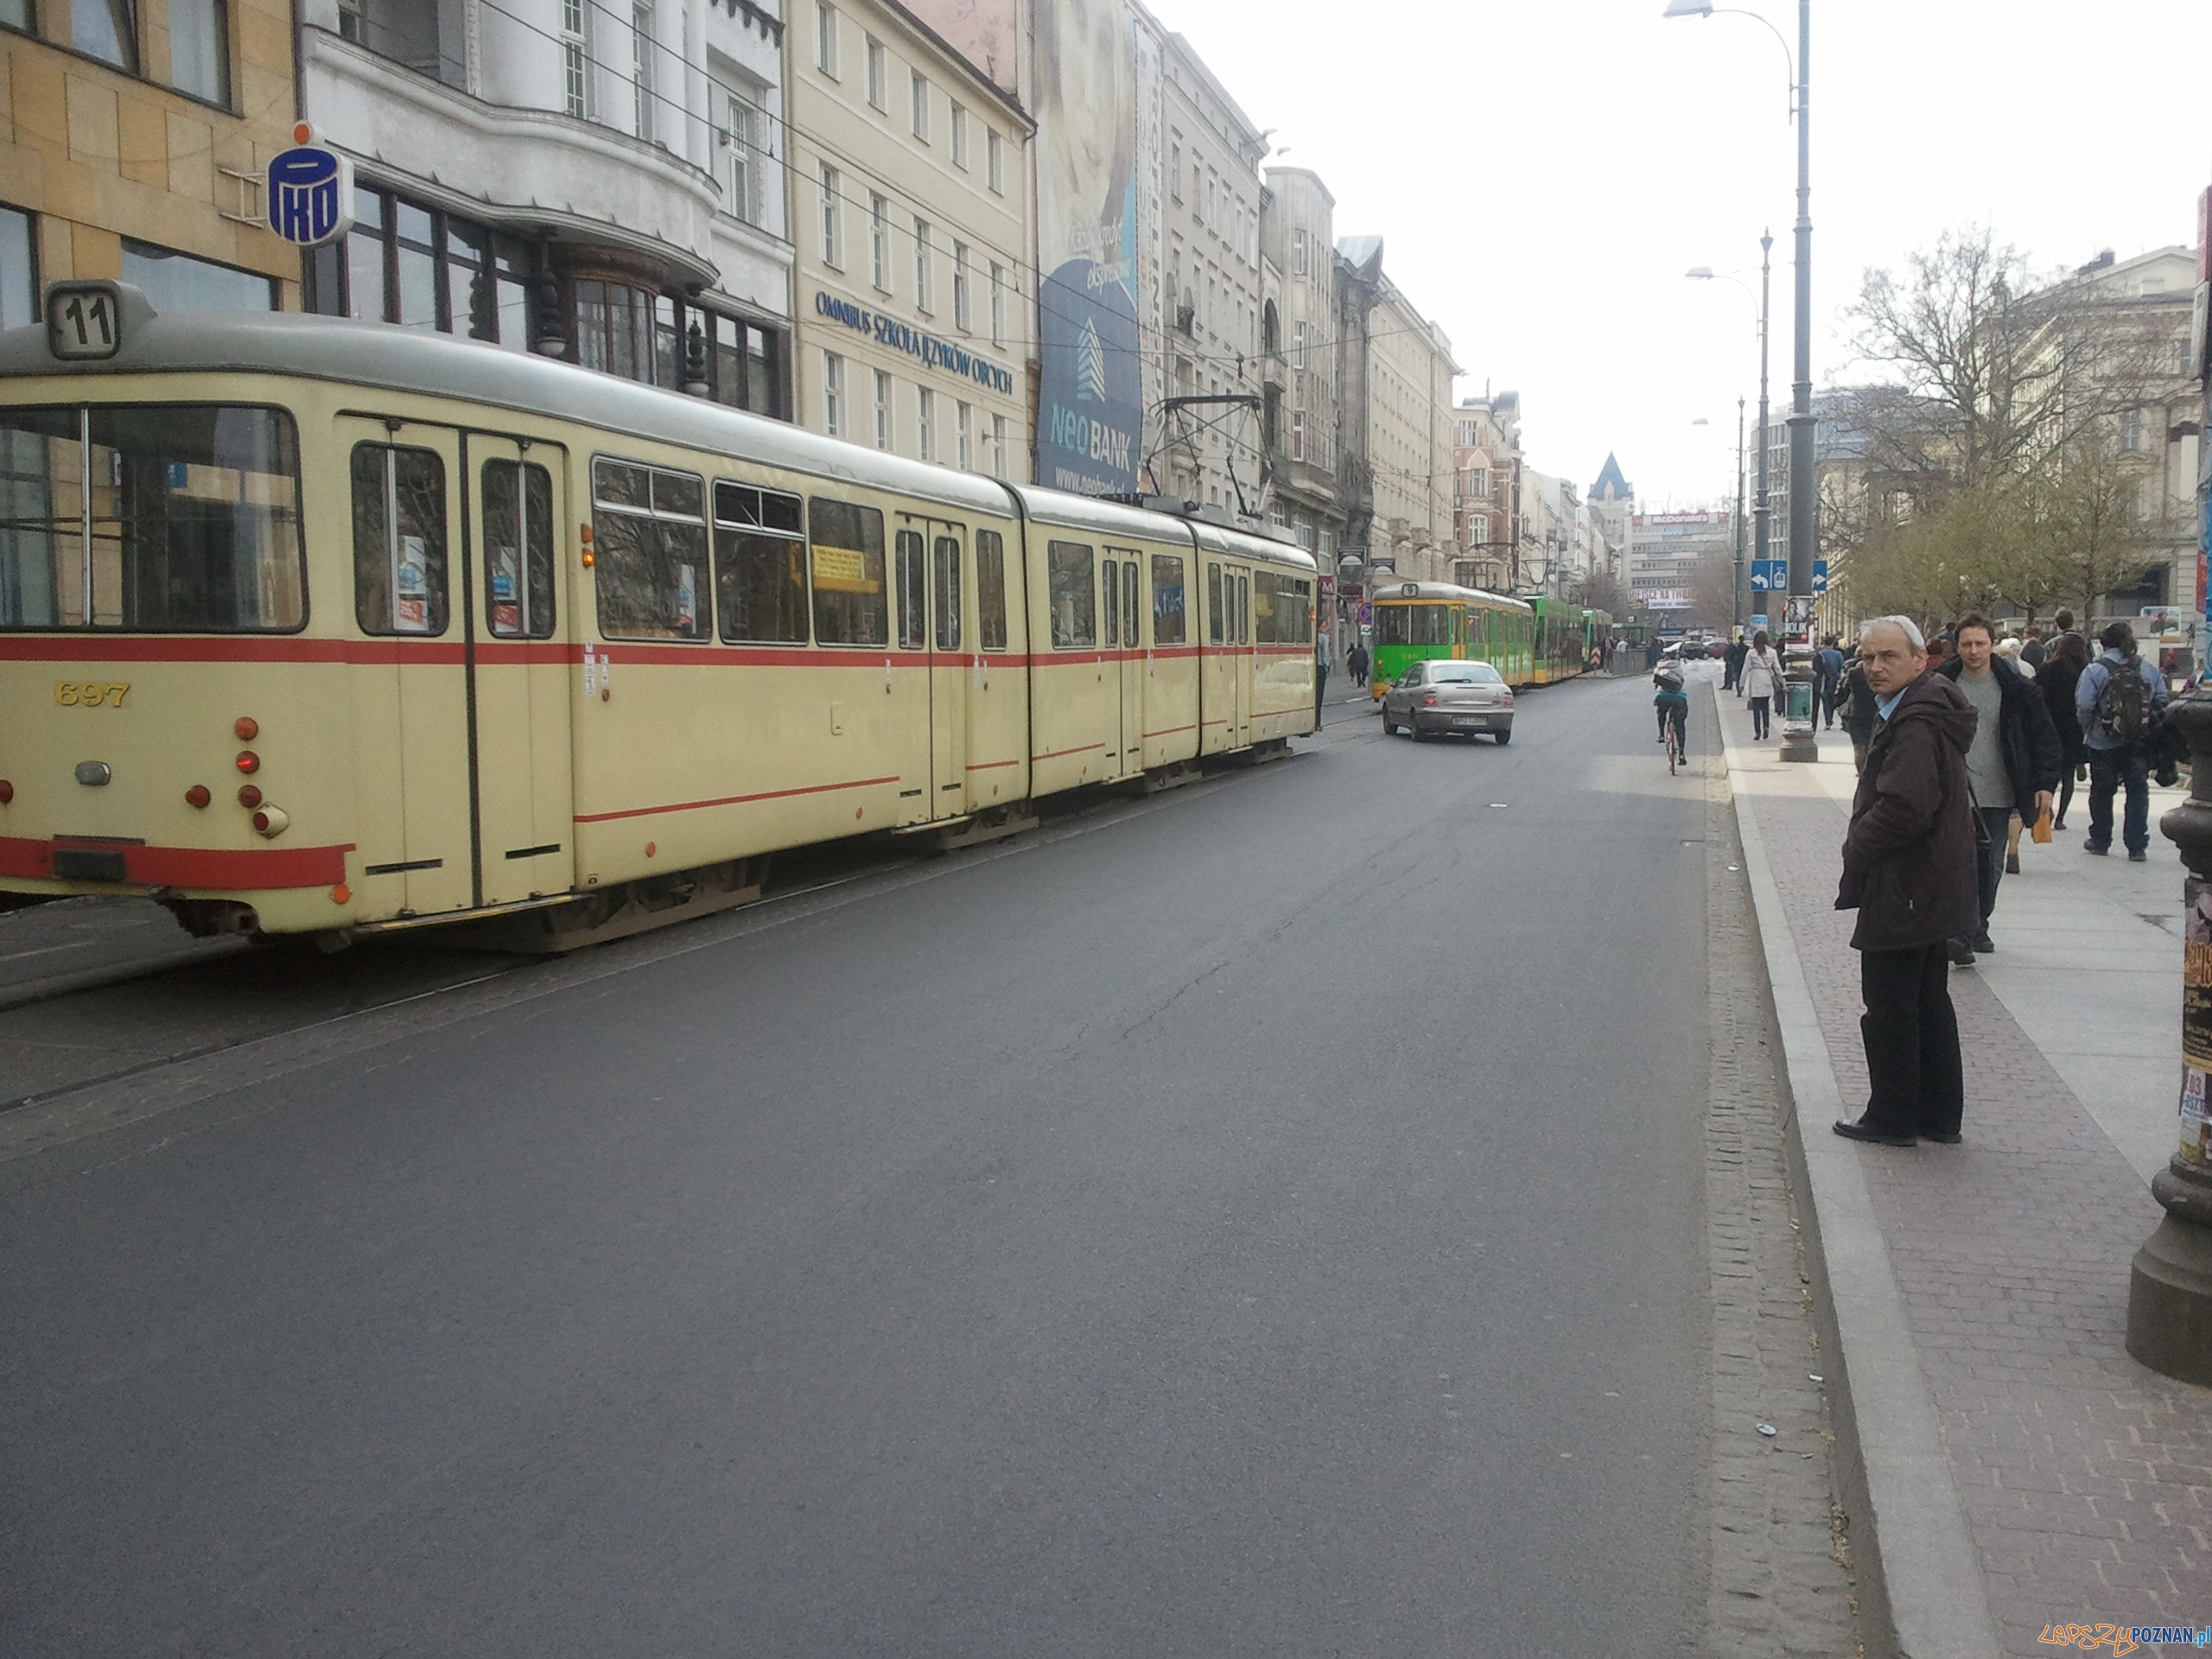 Zablokowane bimby w centrum  Foto: lepszyPOZNAN.pl / gsm